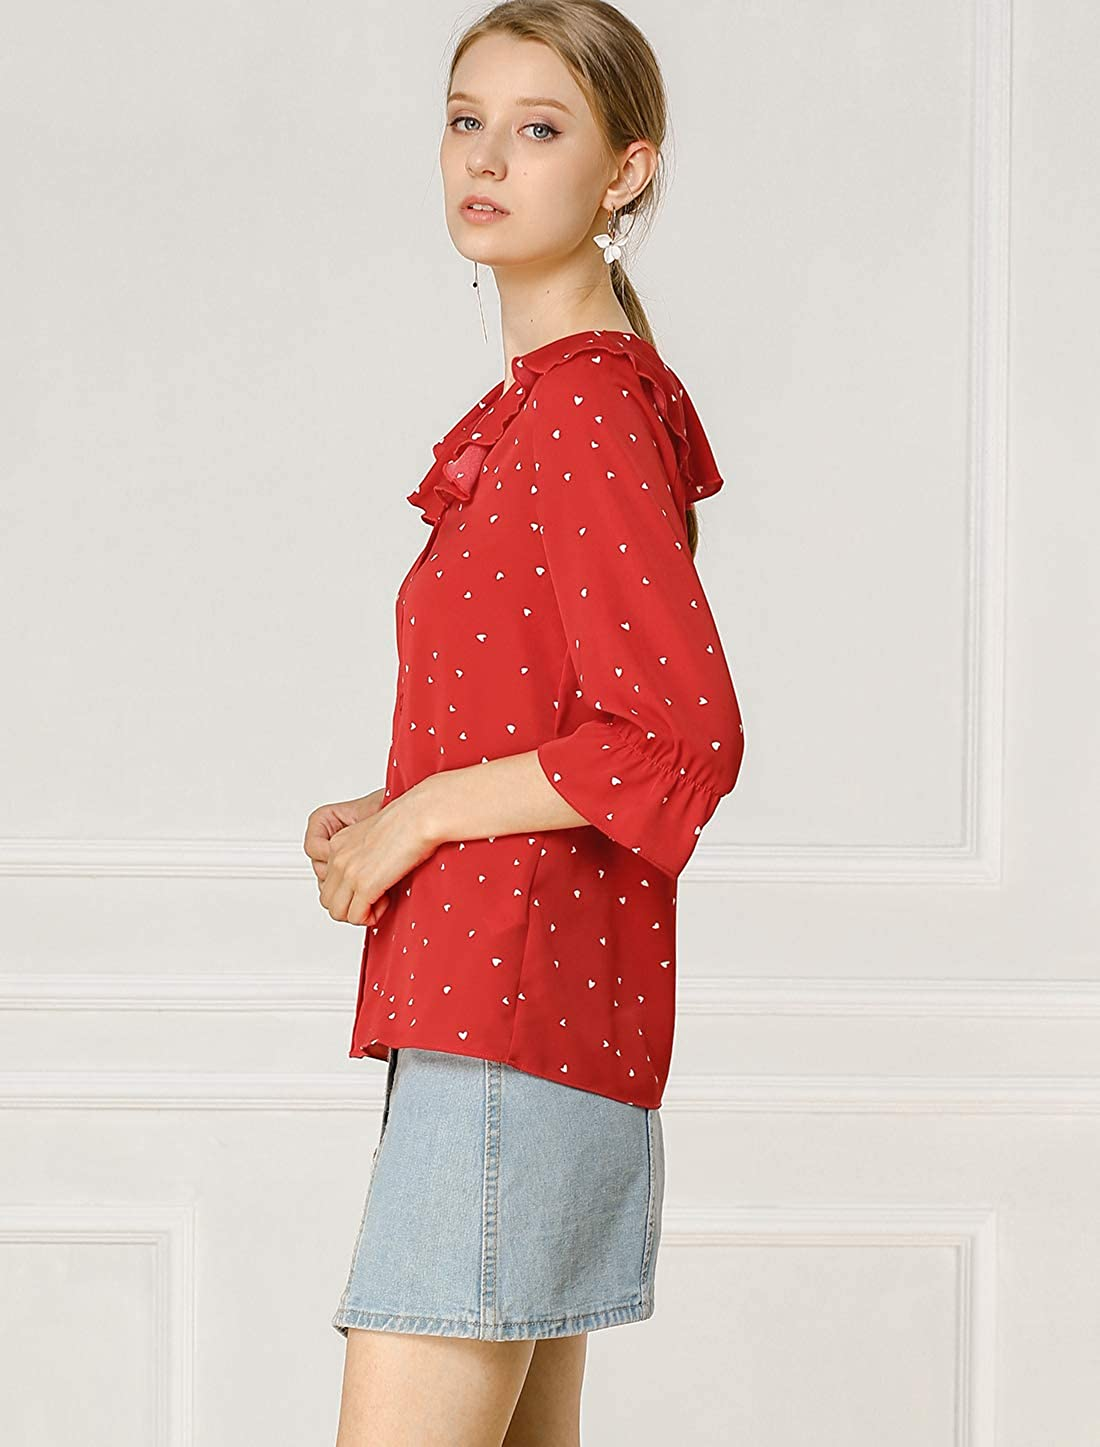 Allegra K Women's Button Down Shirt Ruffle Lapel Collar Elbow Sleeve Heart Print Blouse